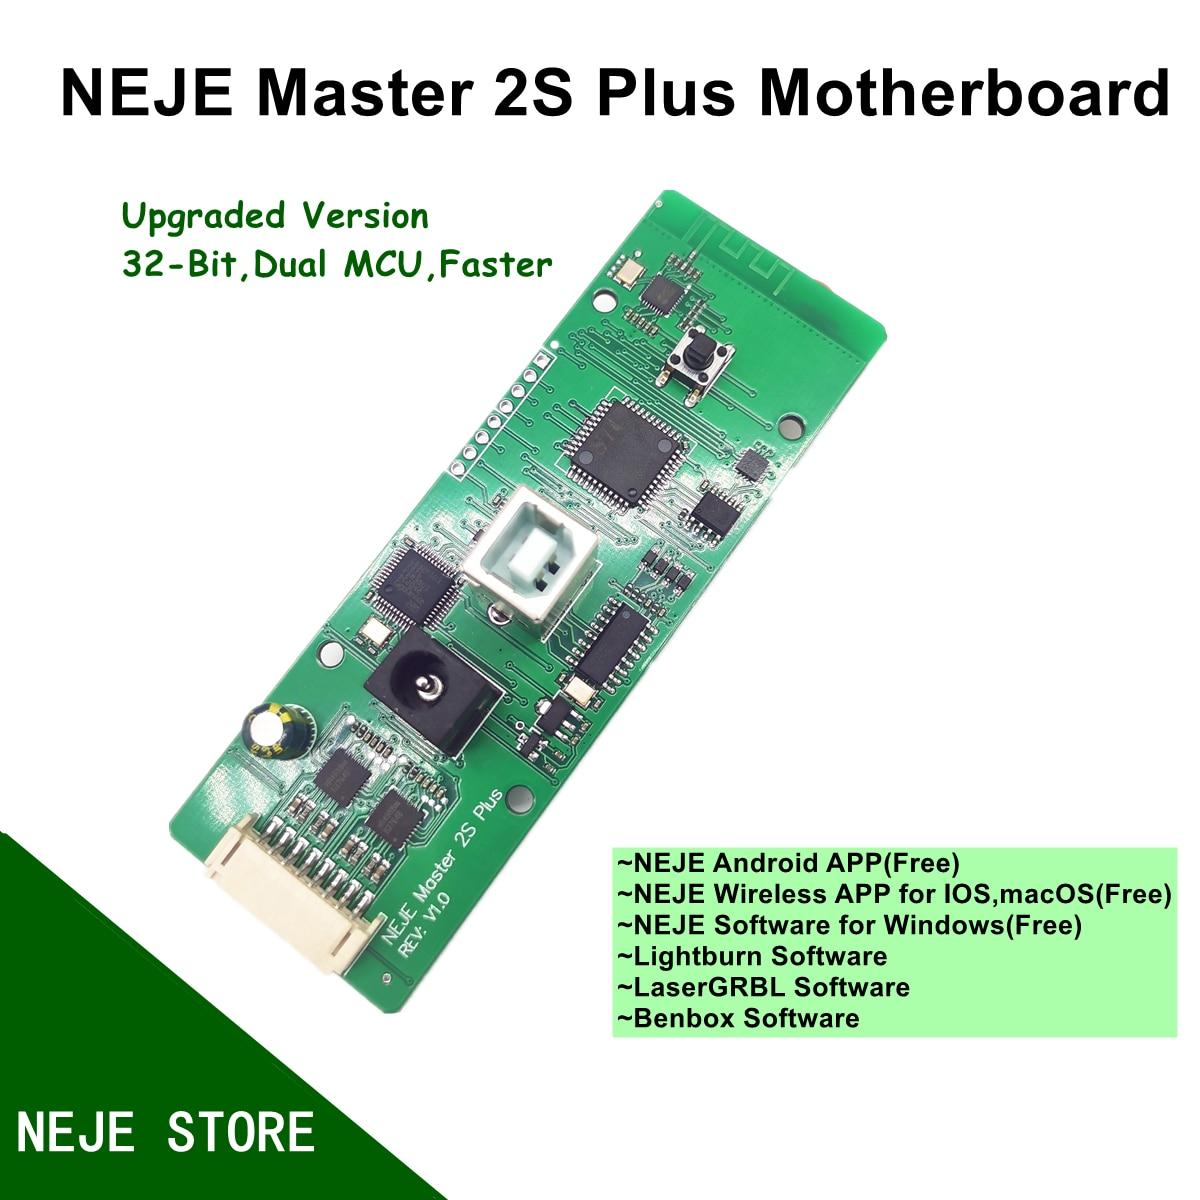 NEJE-استبدال اللوحة الرئيسية Master 2S Plus ، 30W/40W ، لـ Master 2S Plus ، آلة القطع بالليزر ، آلة القطع ، النقش ، الإضاءة ، Bonbox ، LaserGRBL